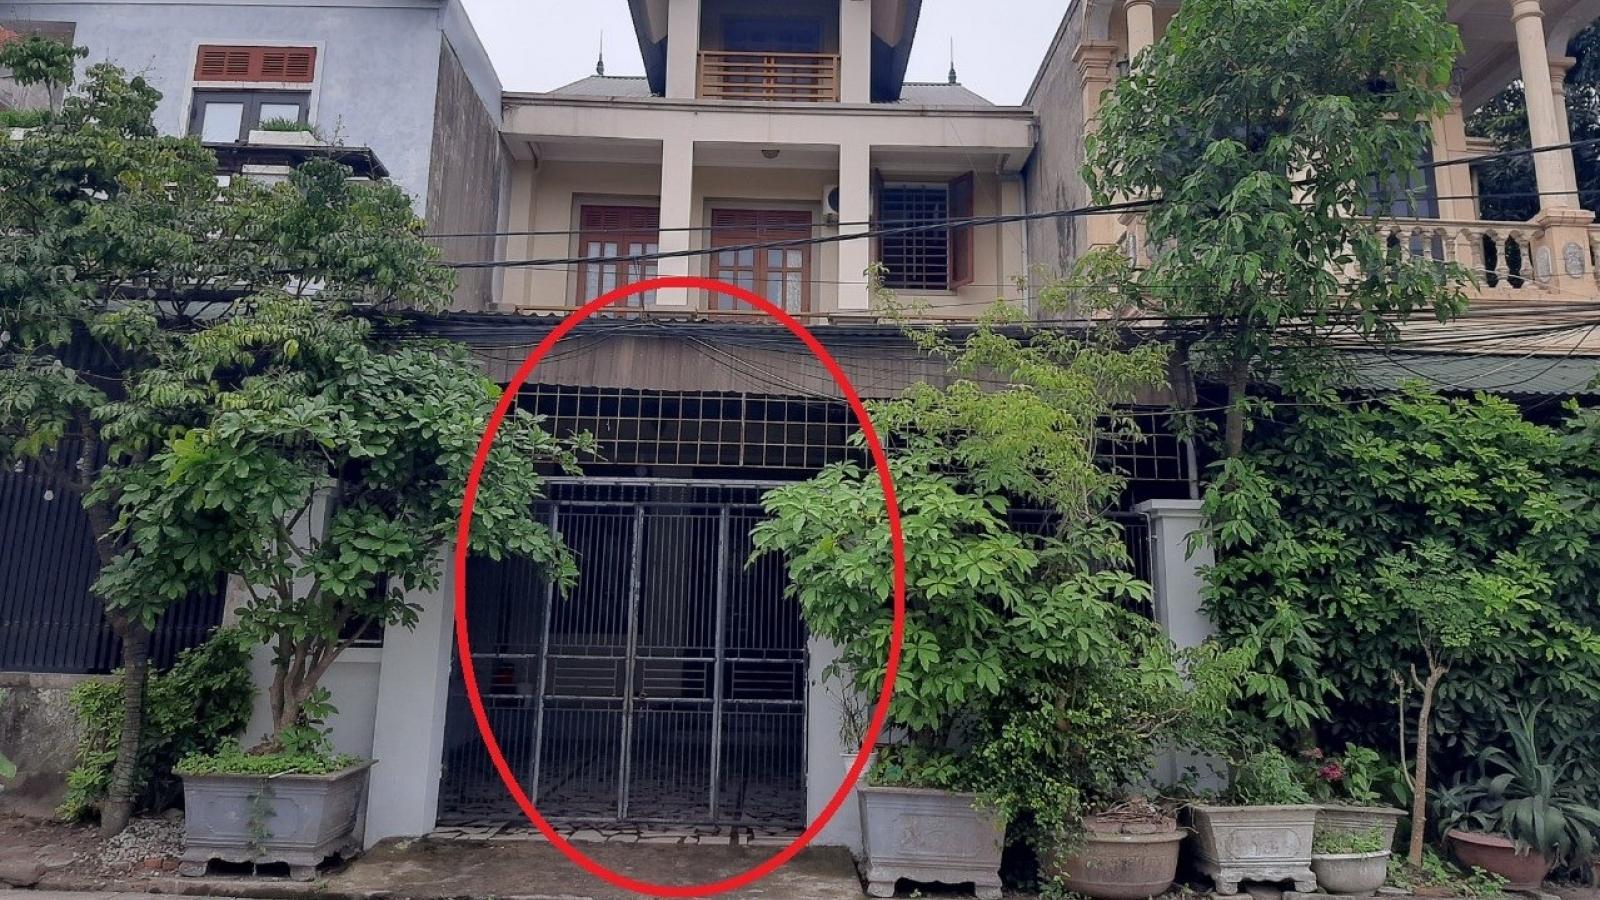 Khởi tố đối tượng tạt ca chất lỏng nghi a xít vào người phụ nữ ngay trước cổng nhà